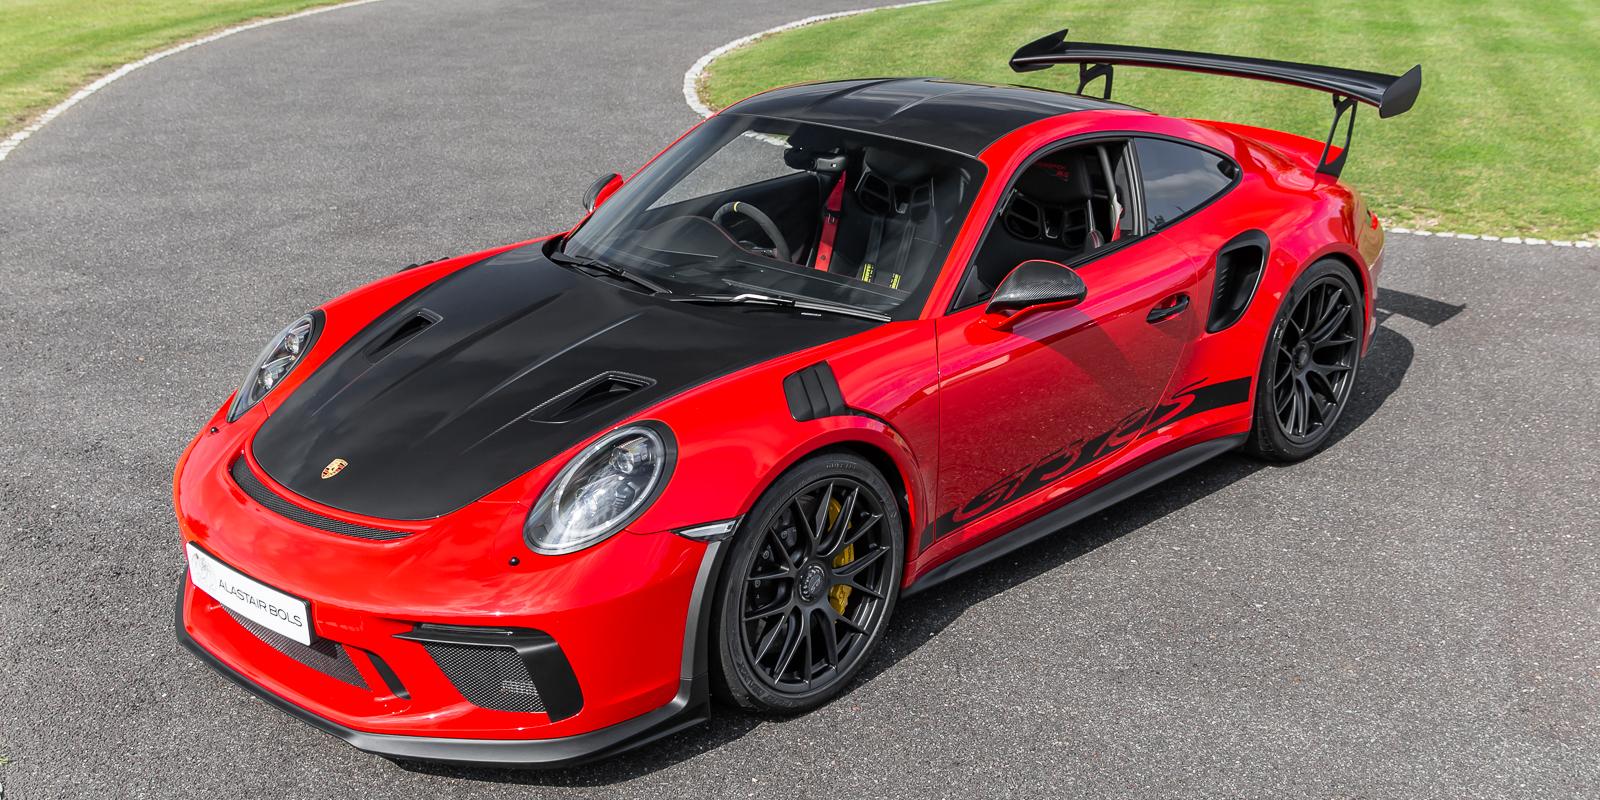 Porsche 991.2 GT3RS WEISSACH – Guards Red